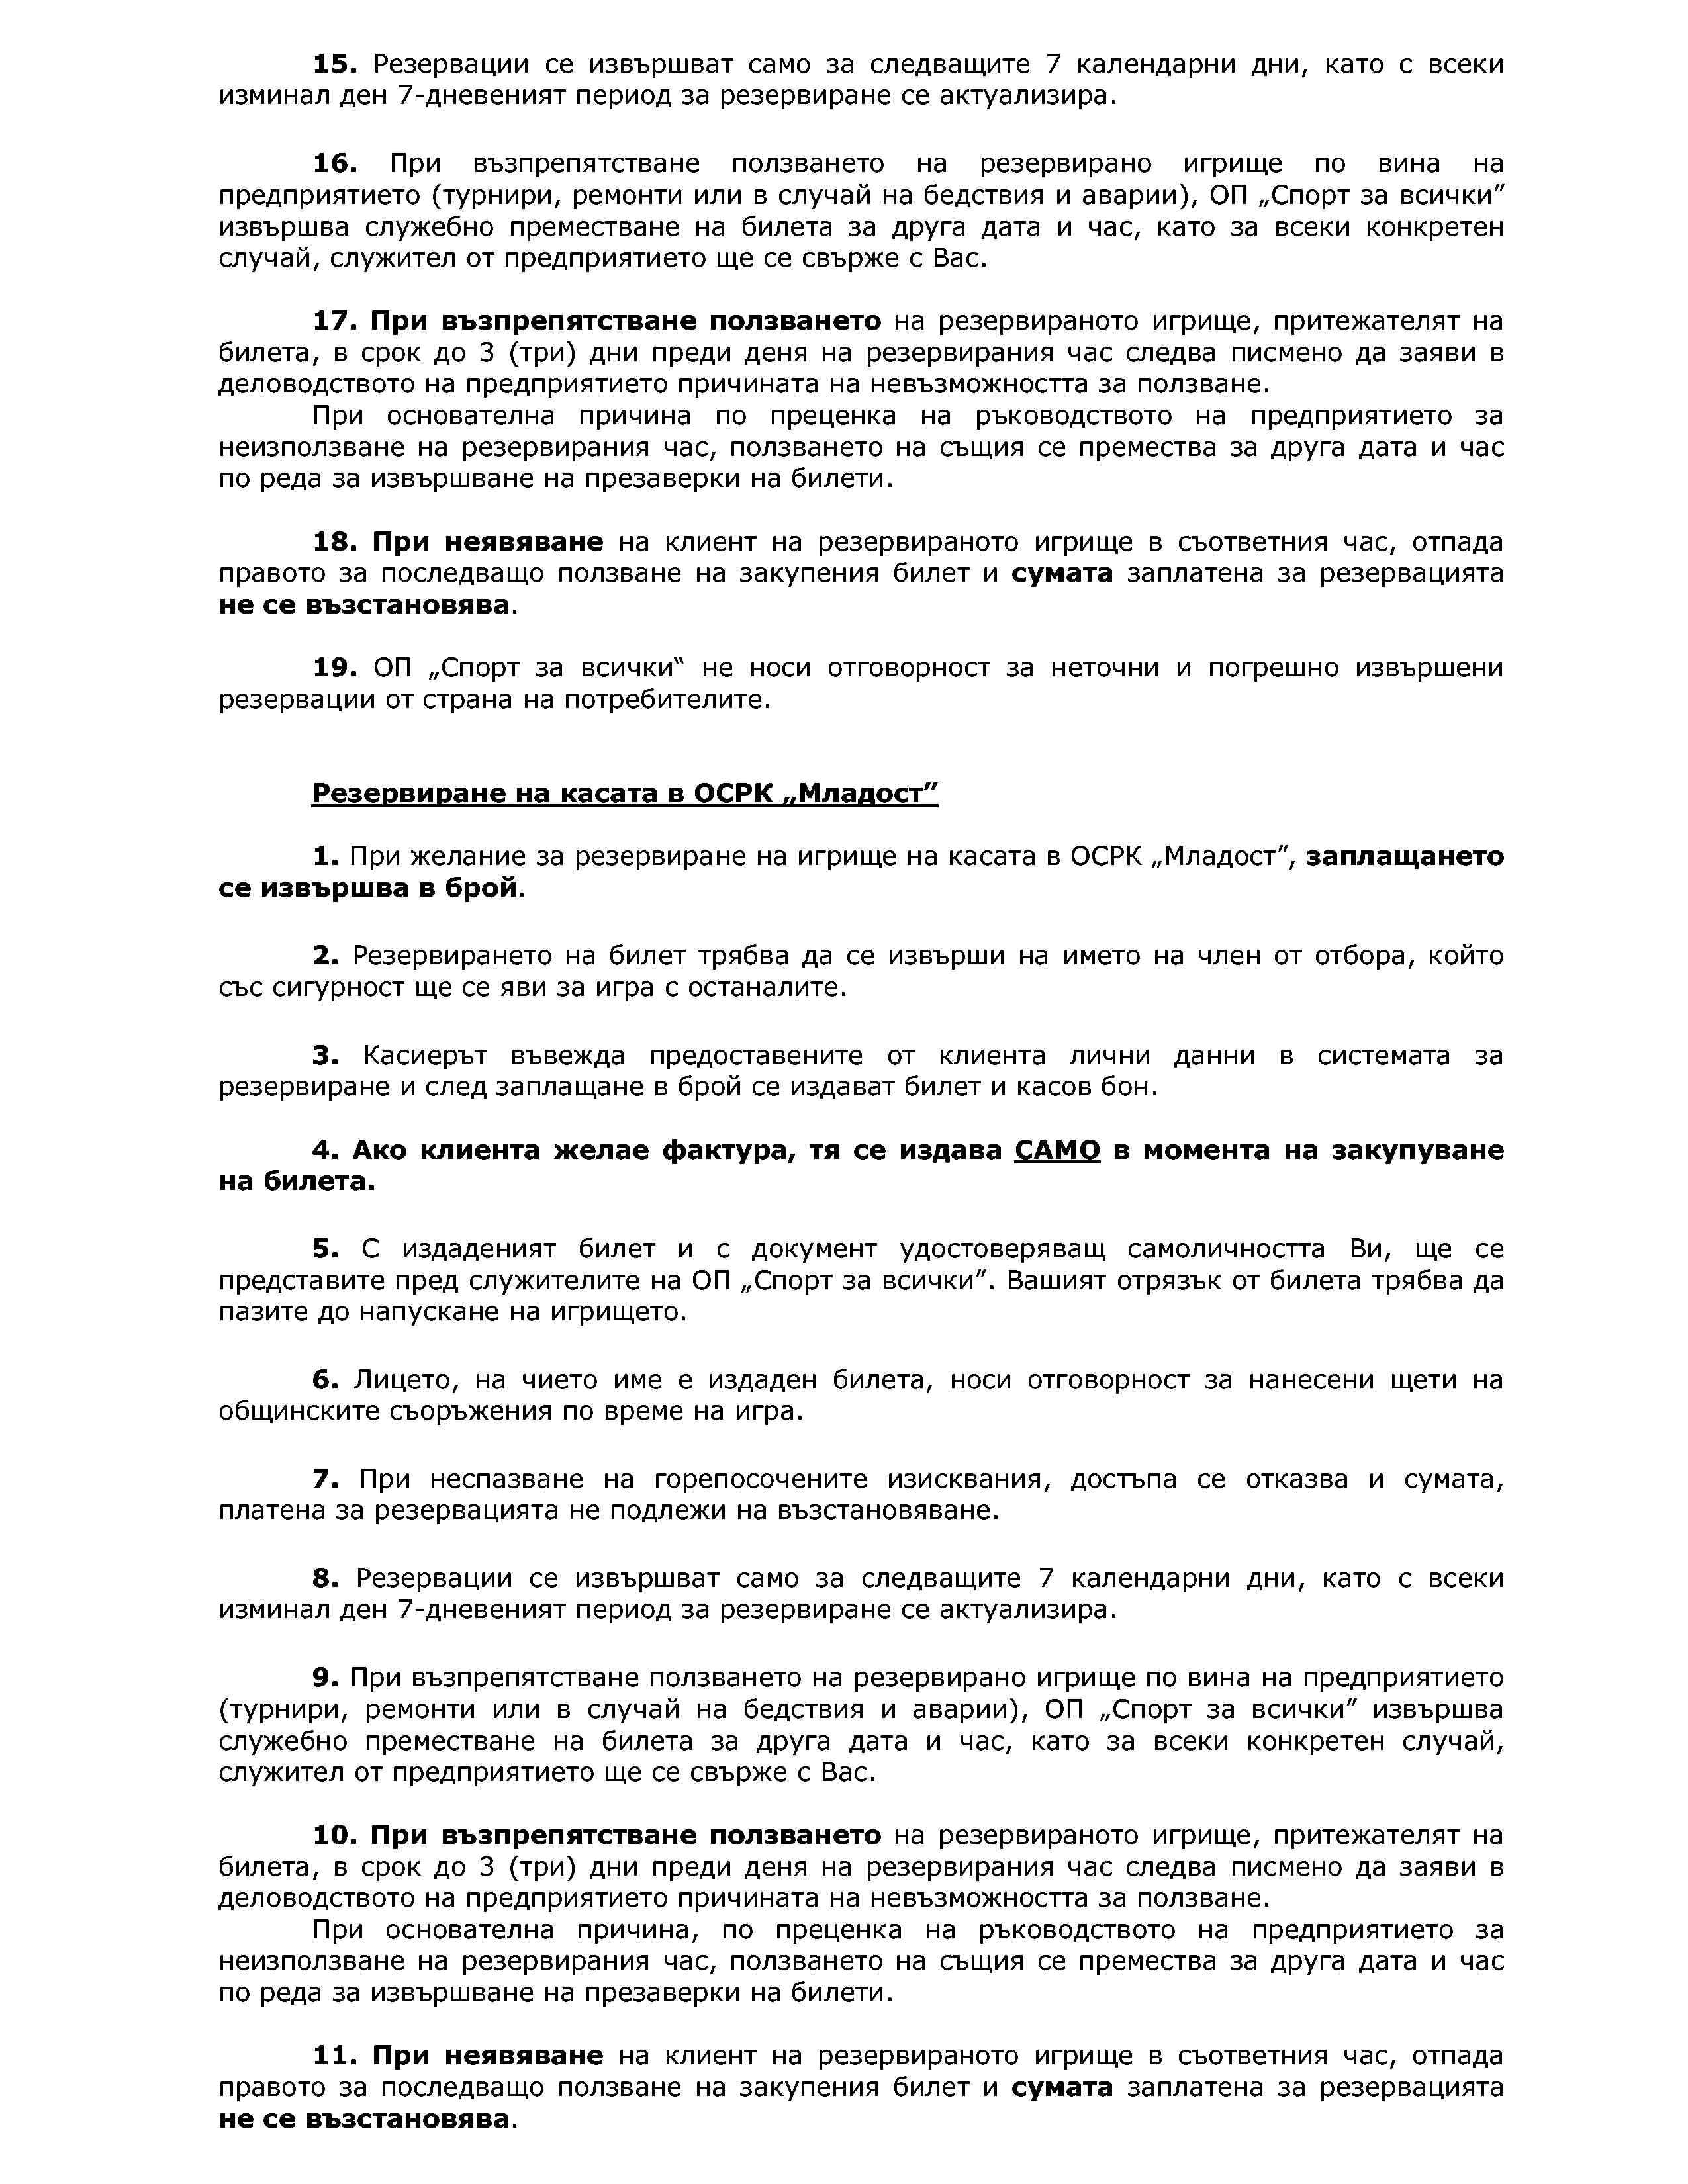 Матеріали до словника українських граверів. Додаток